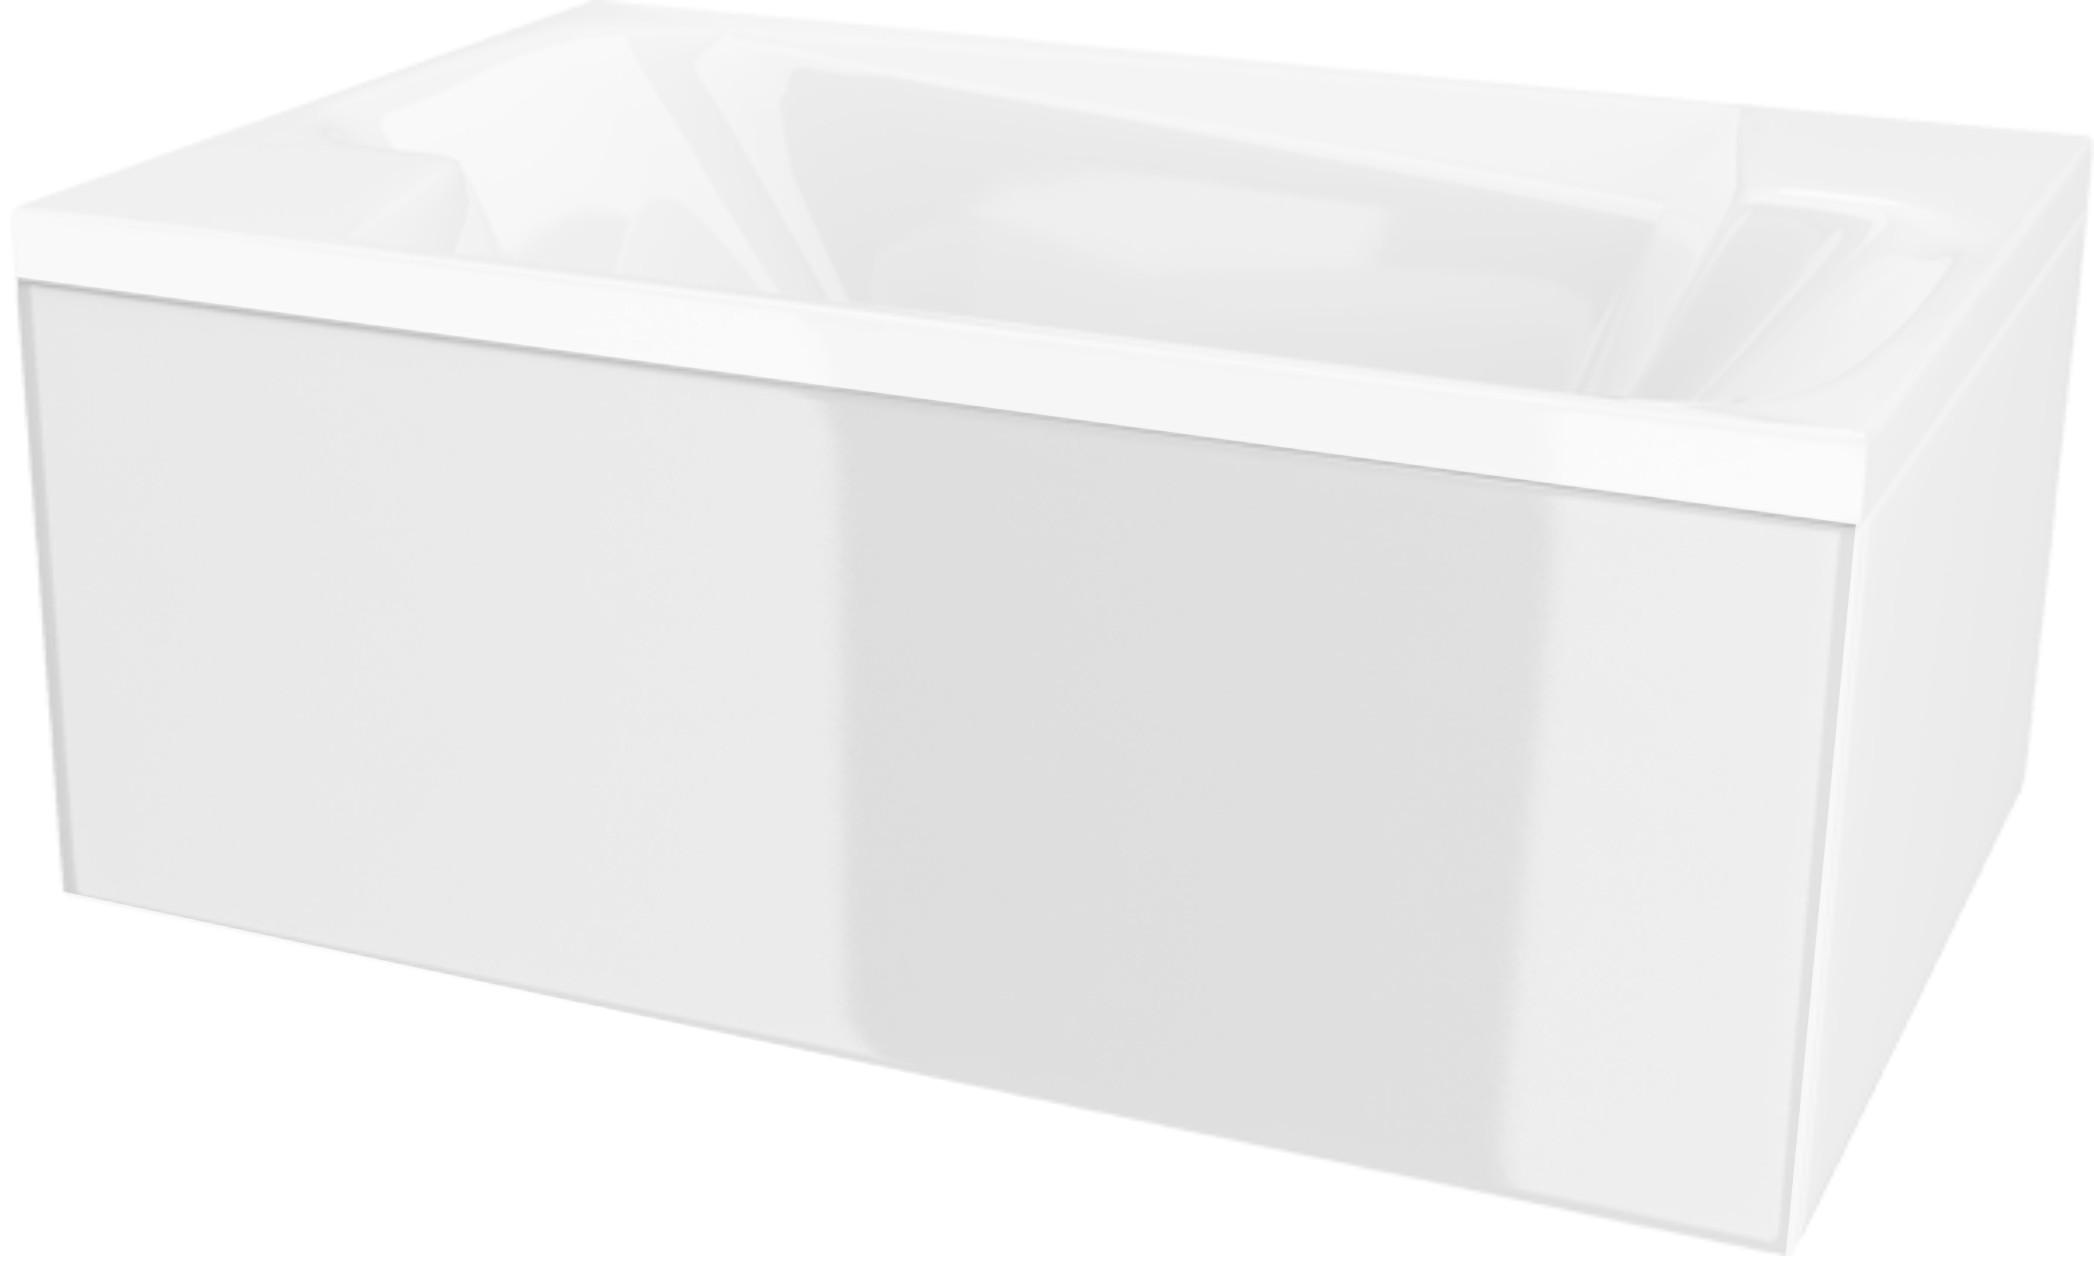 PADOVA Hopa krycí čelní panel k vaně, skladem